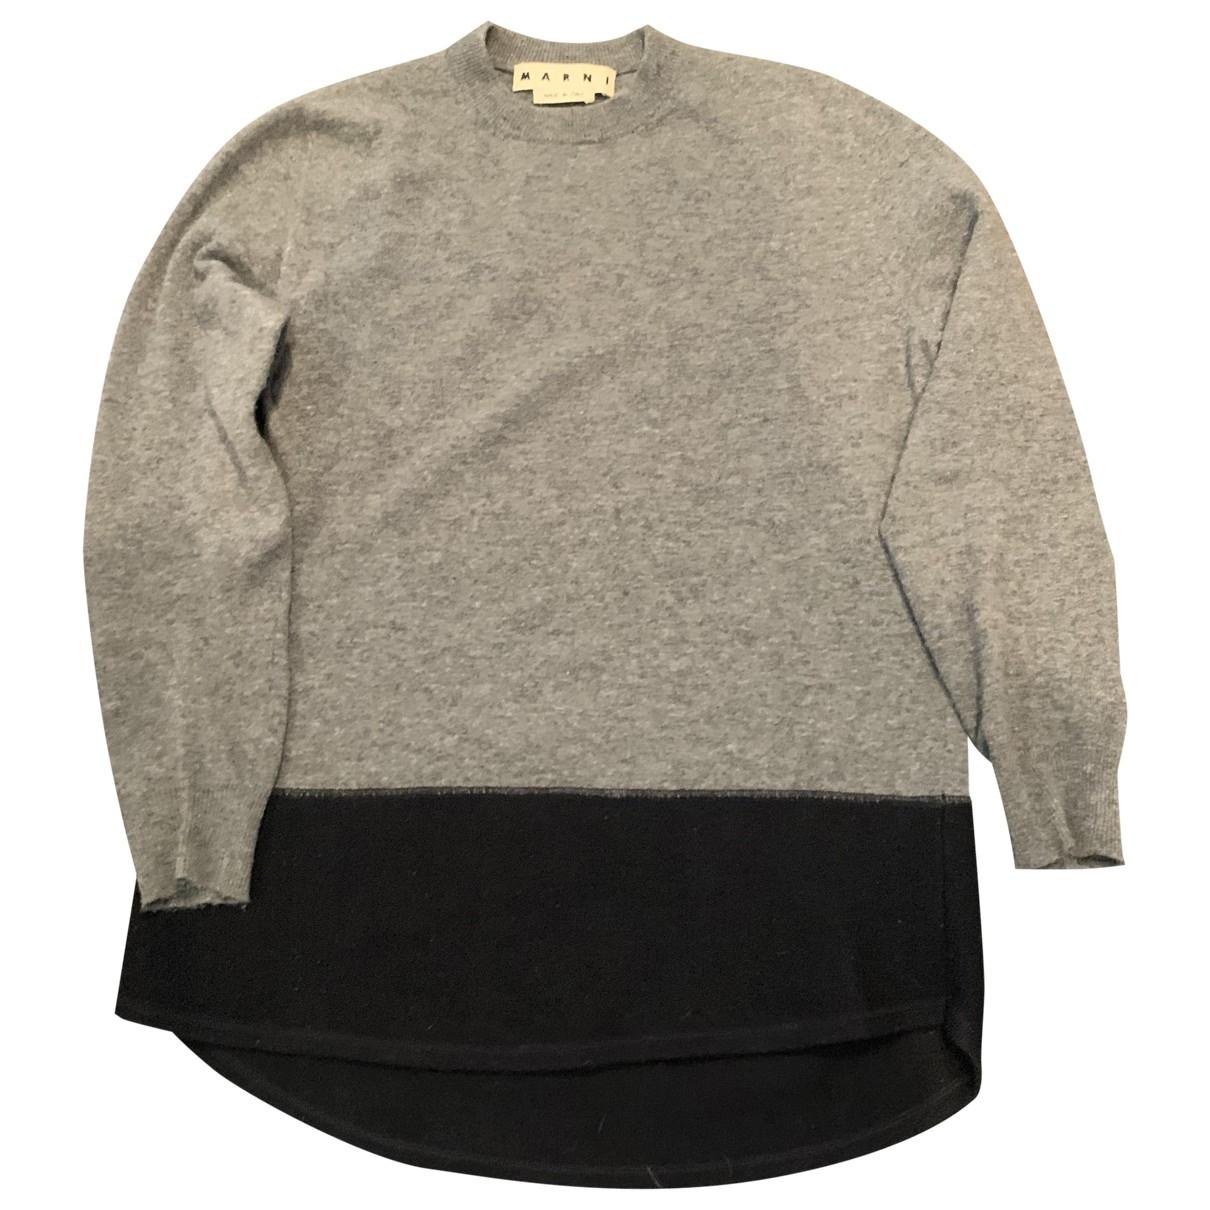 Marni - Pulls.Gilets.Sweats   pour homme en laine - gris